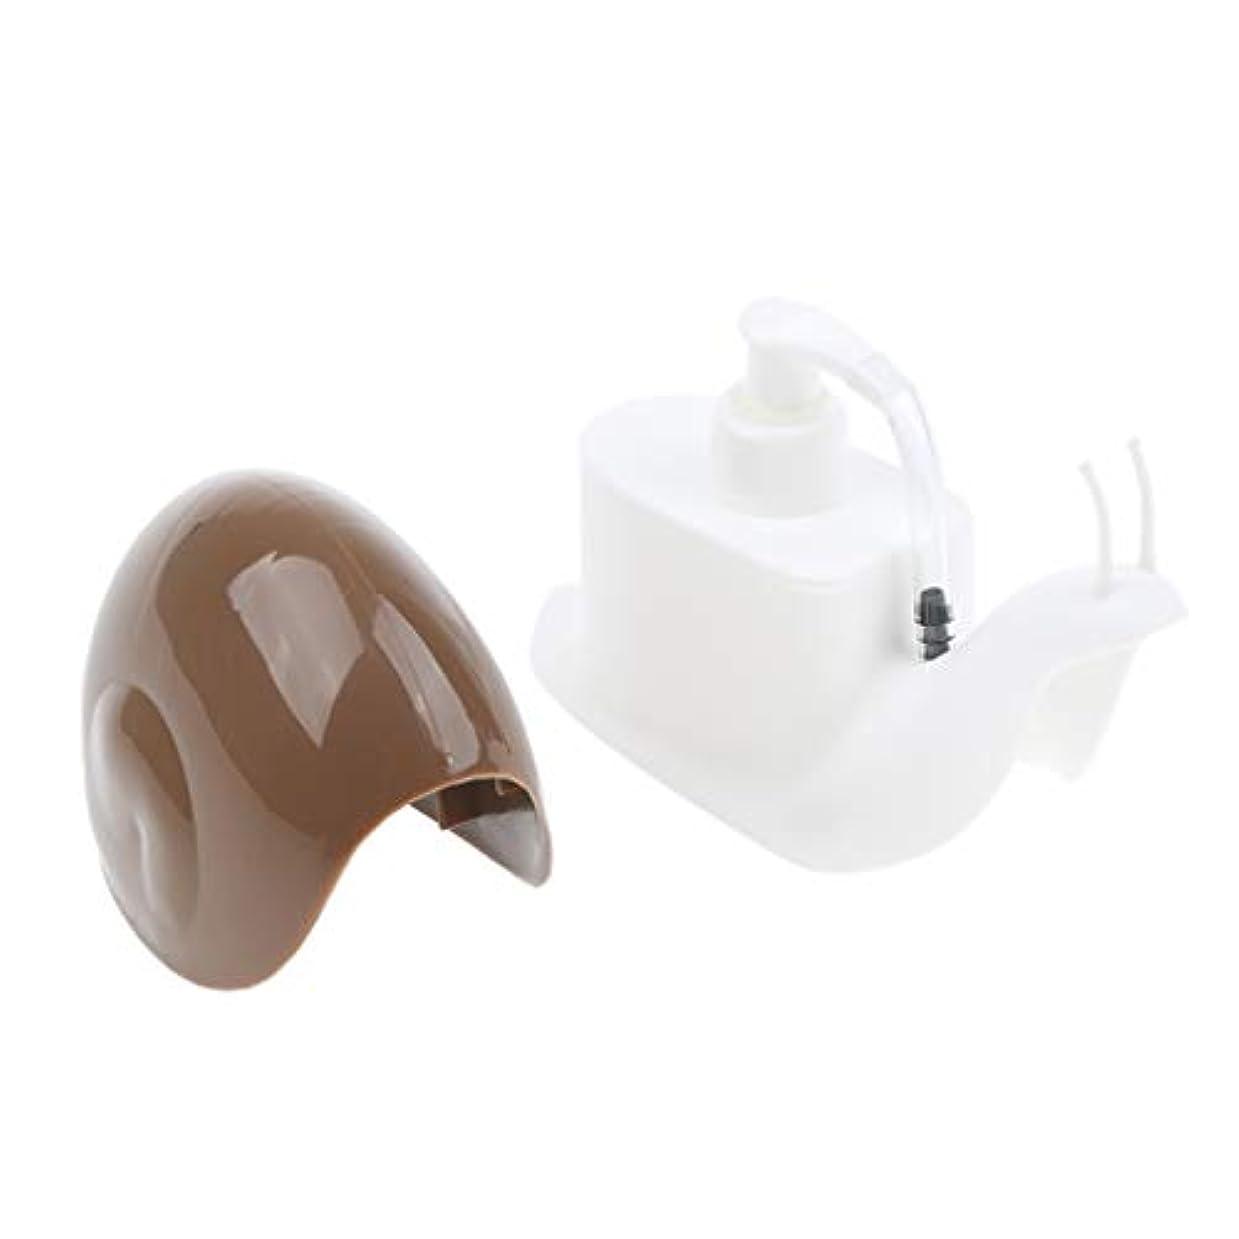 セール害虫起業家perfk ハンドソープボトル 石鹸箱ハンド 容器 詰替 ハンドソープ 全3選択 - コーヒー